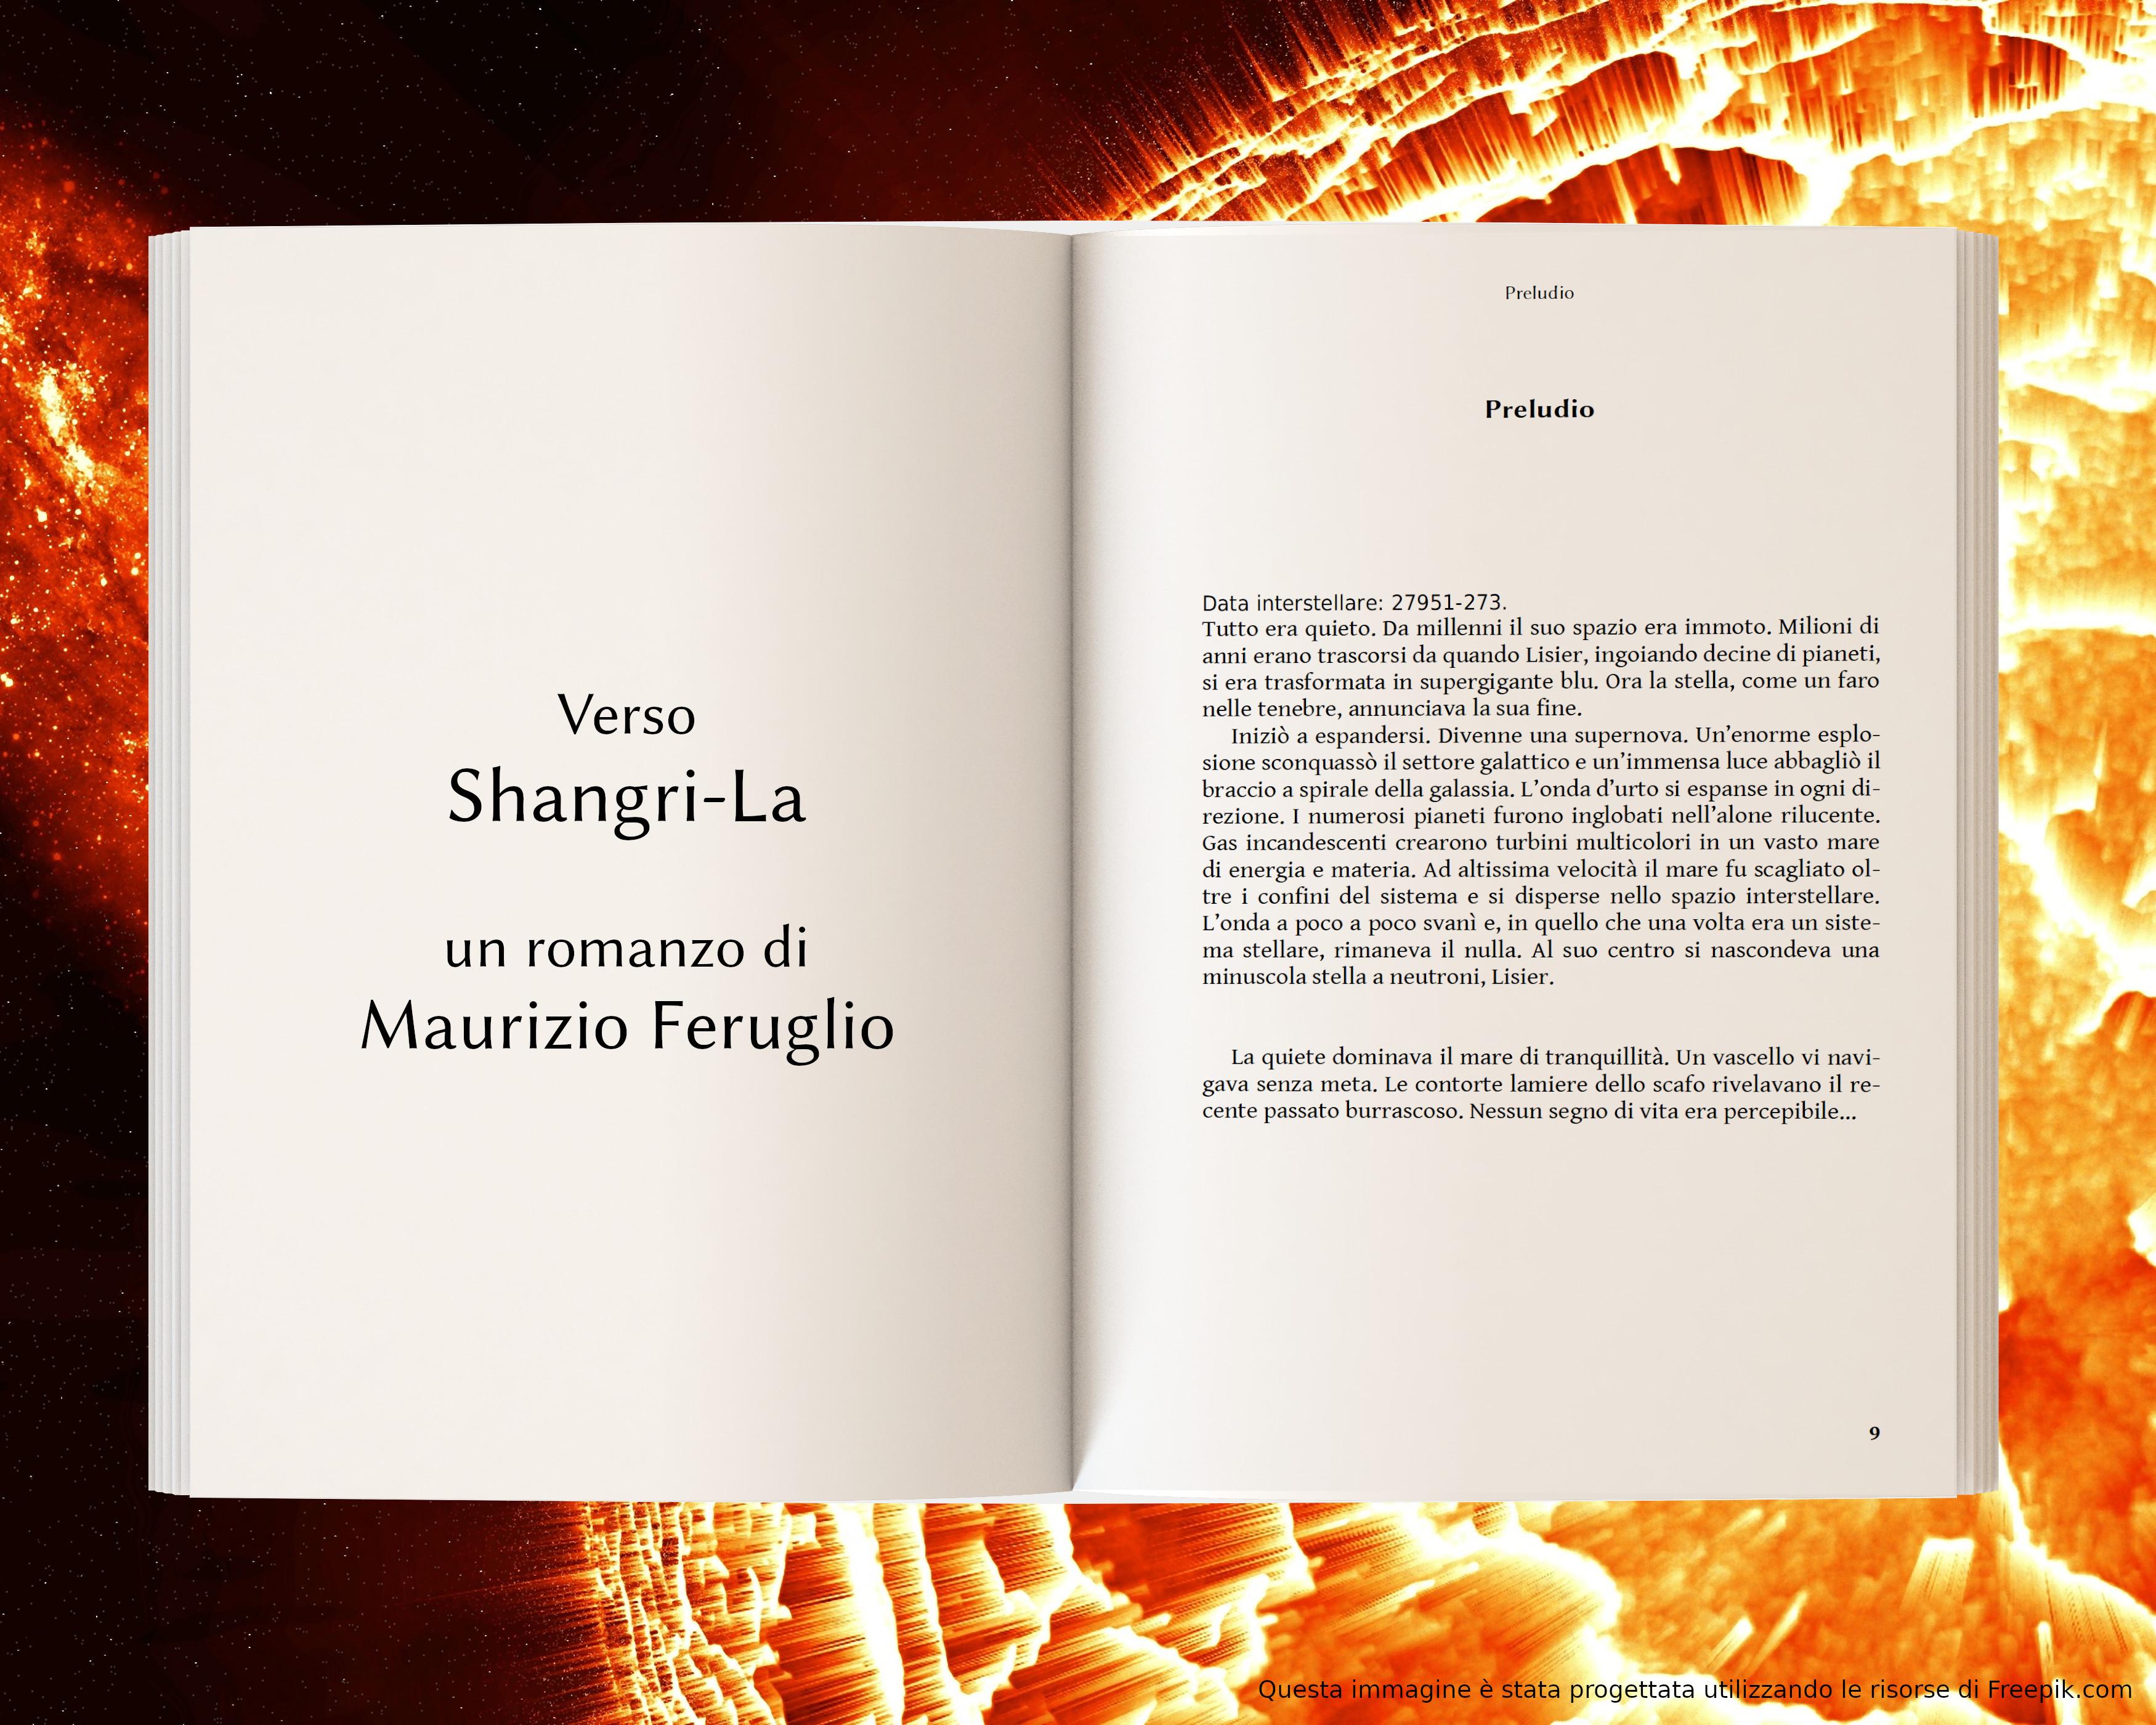 Preludio - anteprima di Verso Shangri-La di Maurizio Feruglio